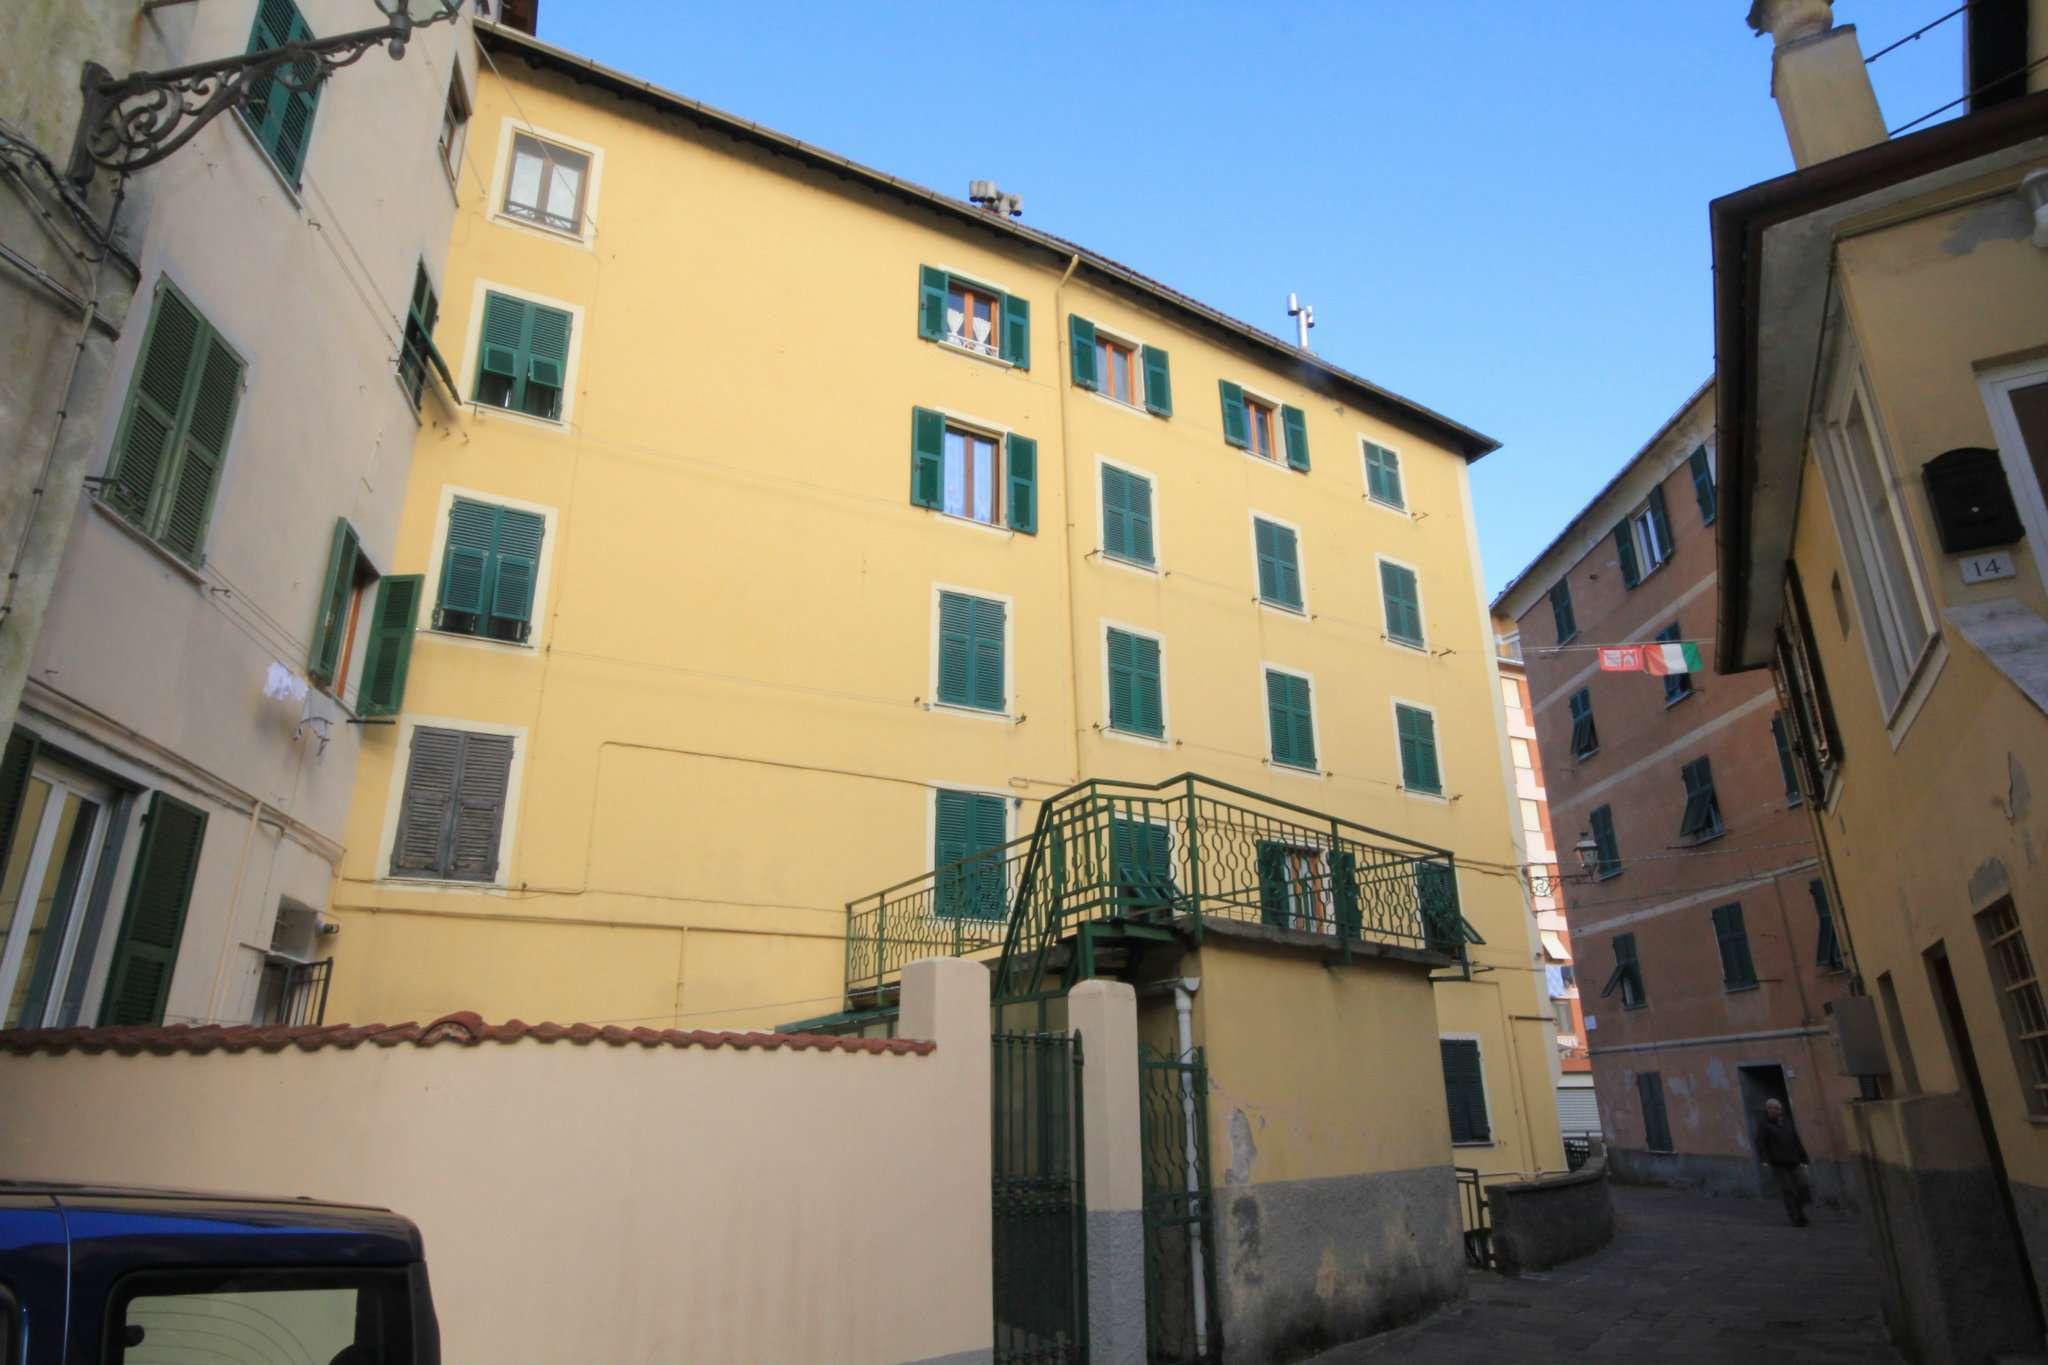 Appartamento in vendita a Campo Ligure, 3 locali, prezzo € 16.500 | PortaleAgenzieImmobiliari.it